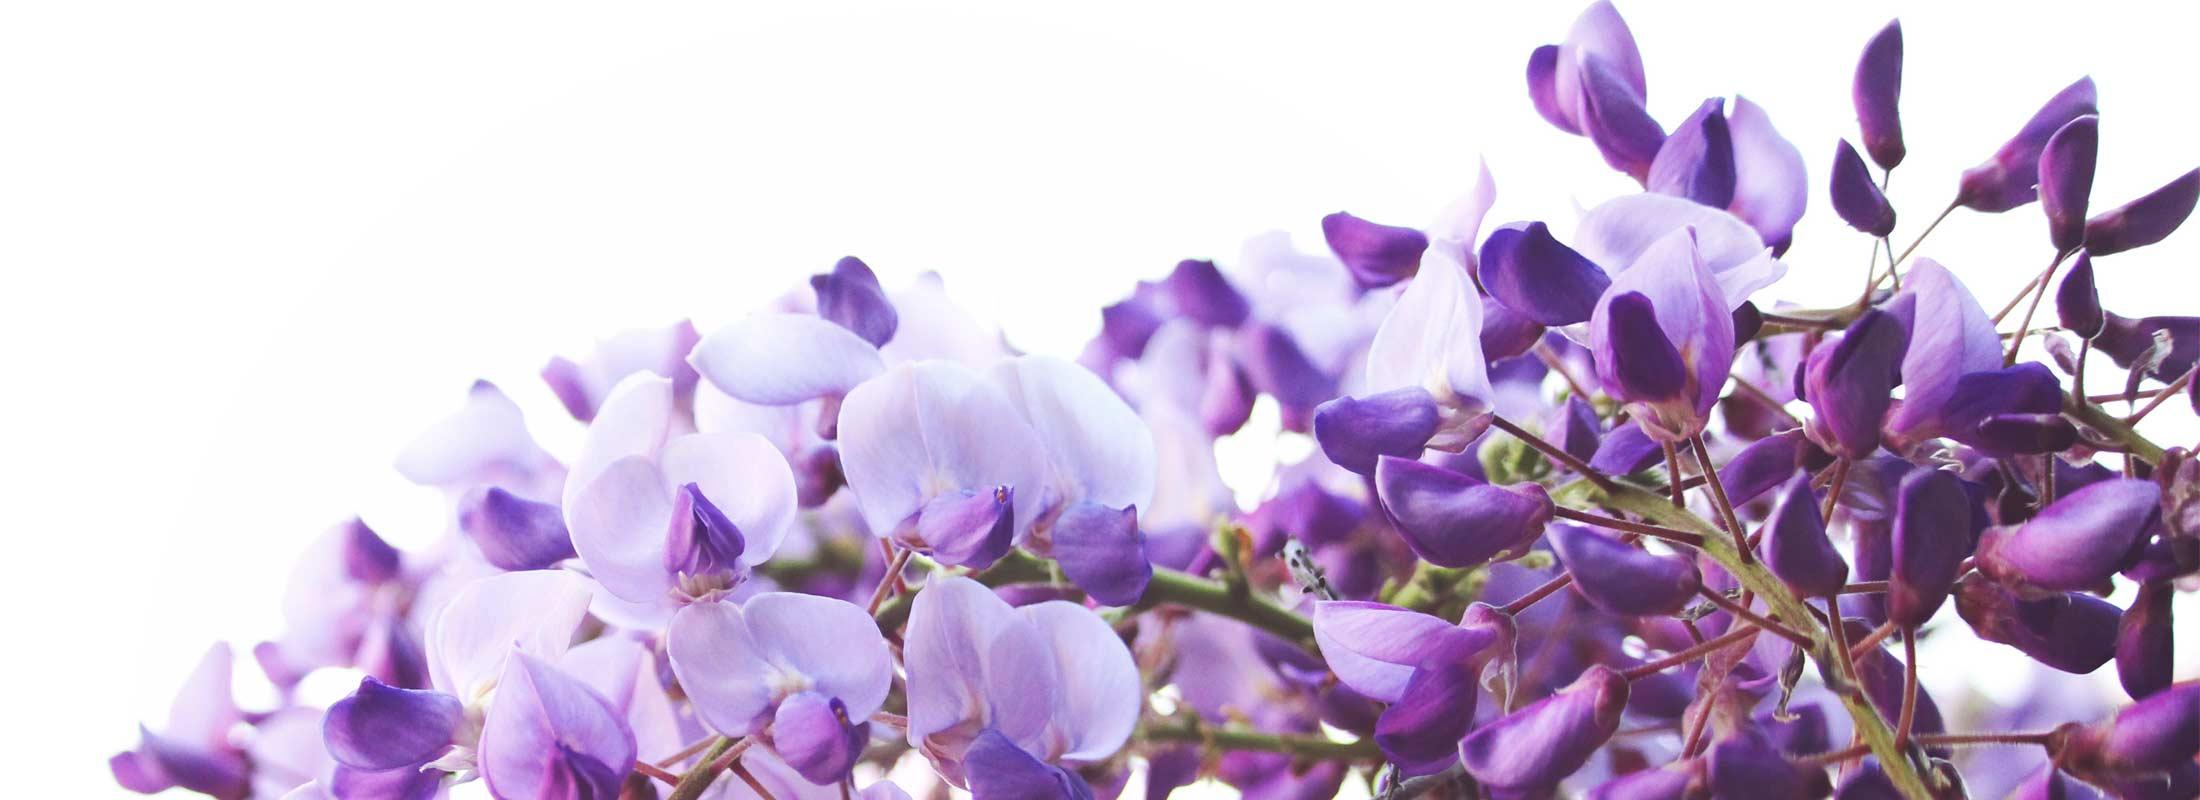 Floraplex Terpene Extraction